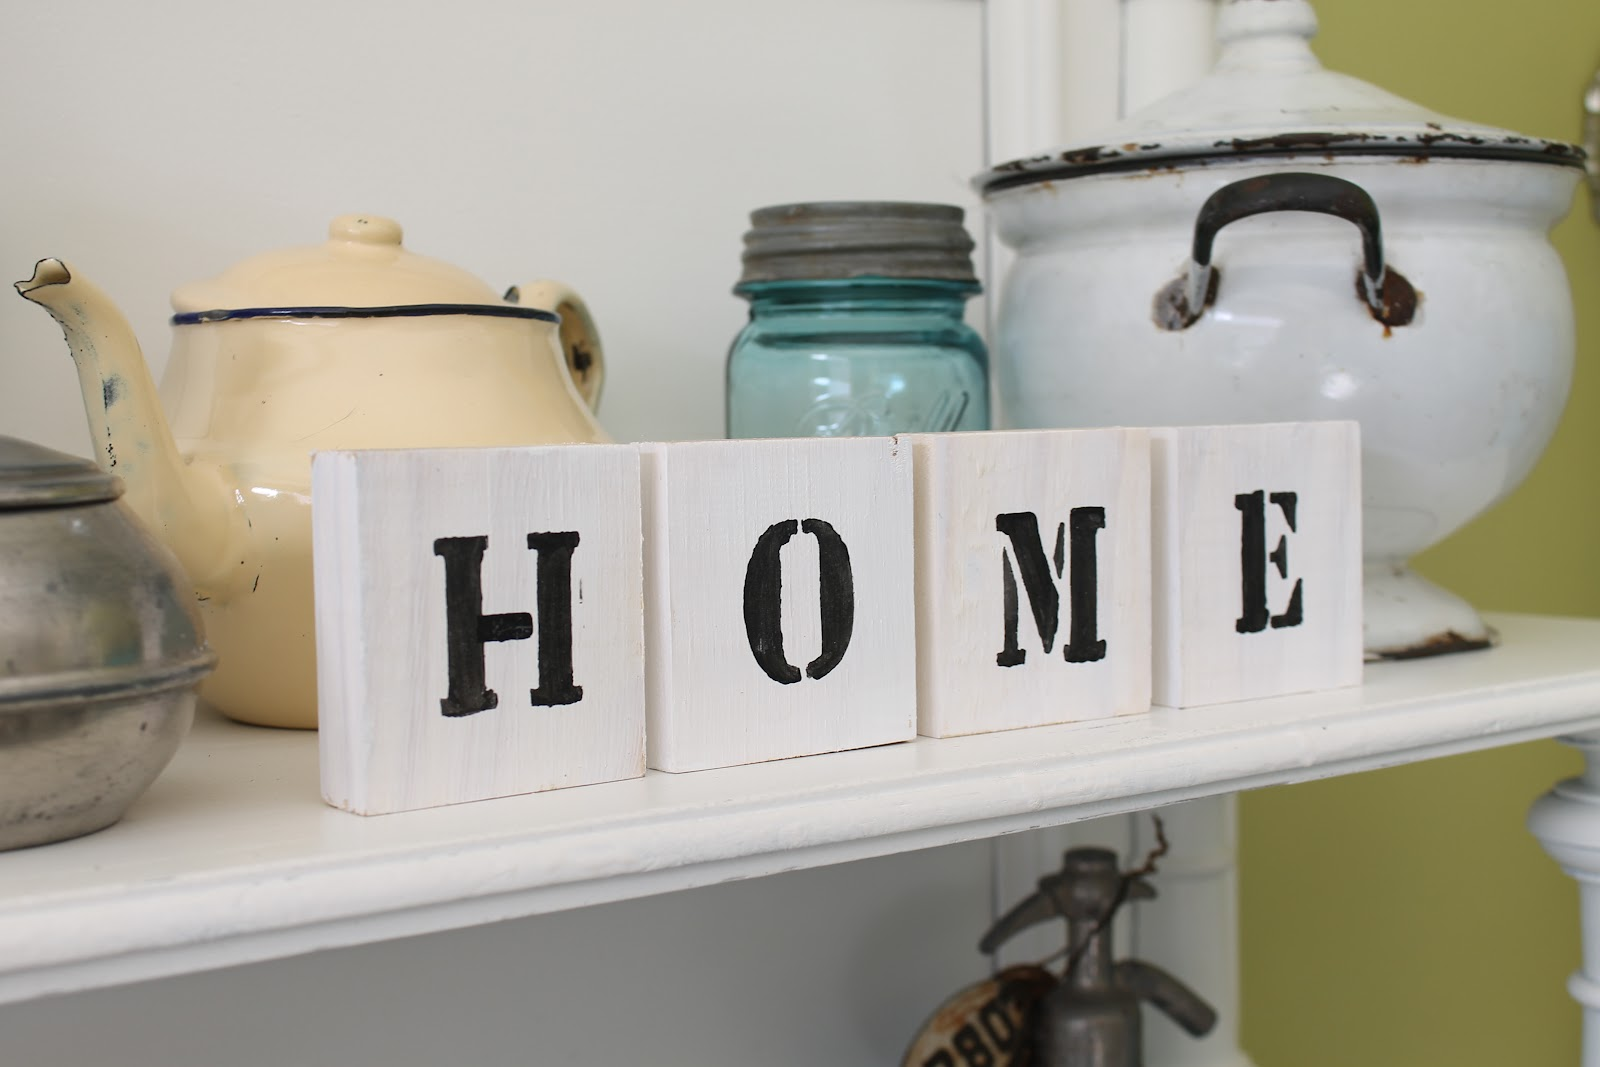 Deco marce tienda cubos de madera con letras - Letras home decoracion ...